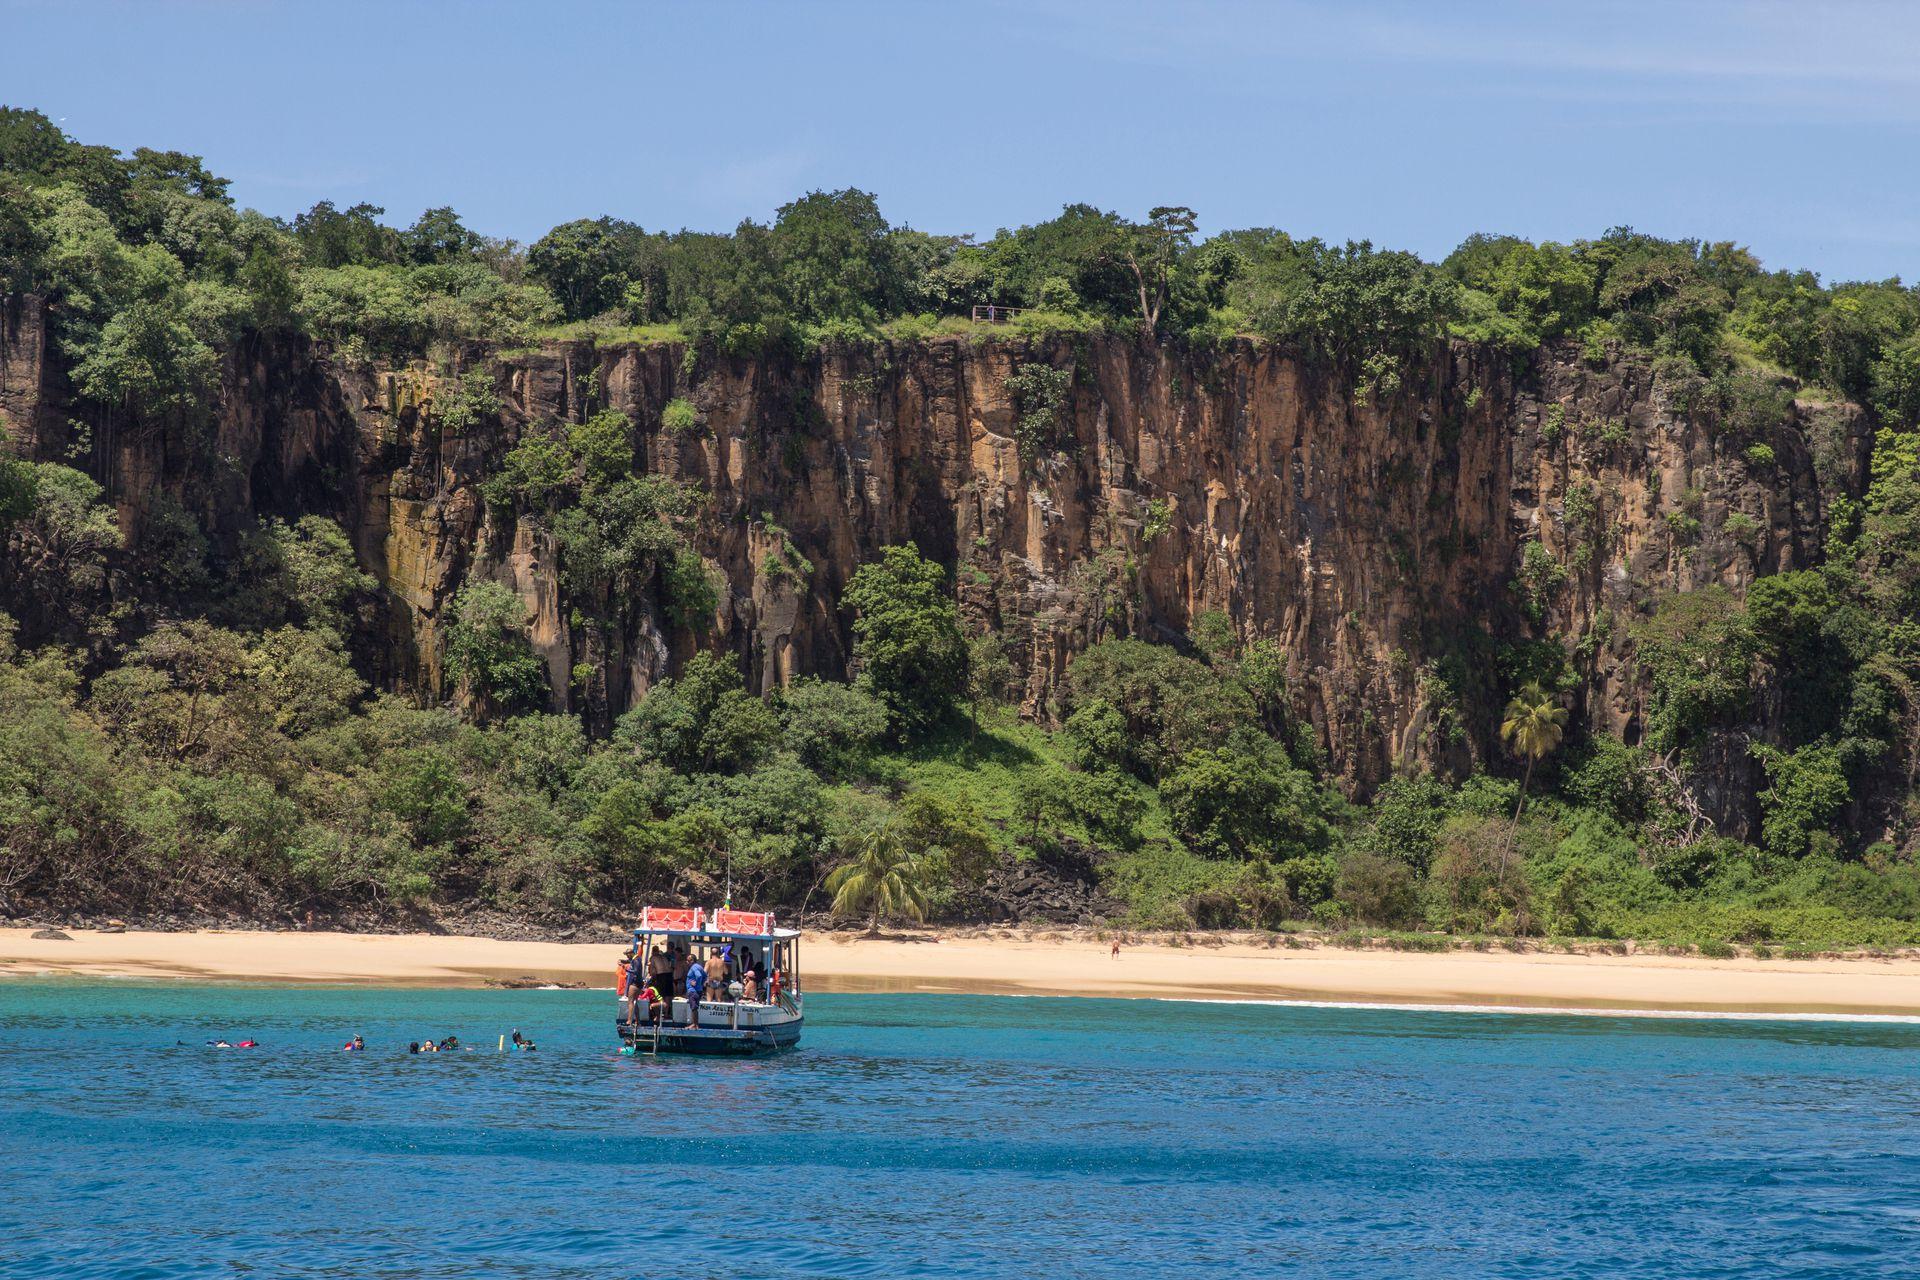 Los paseos en barco son una constante para conocer el archipiélago.